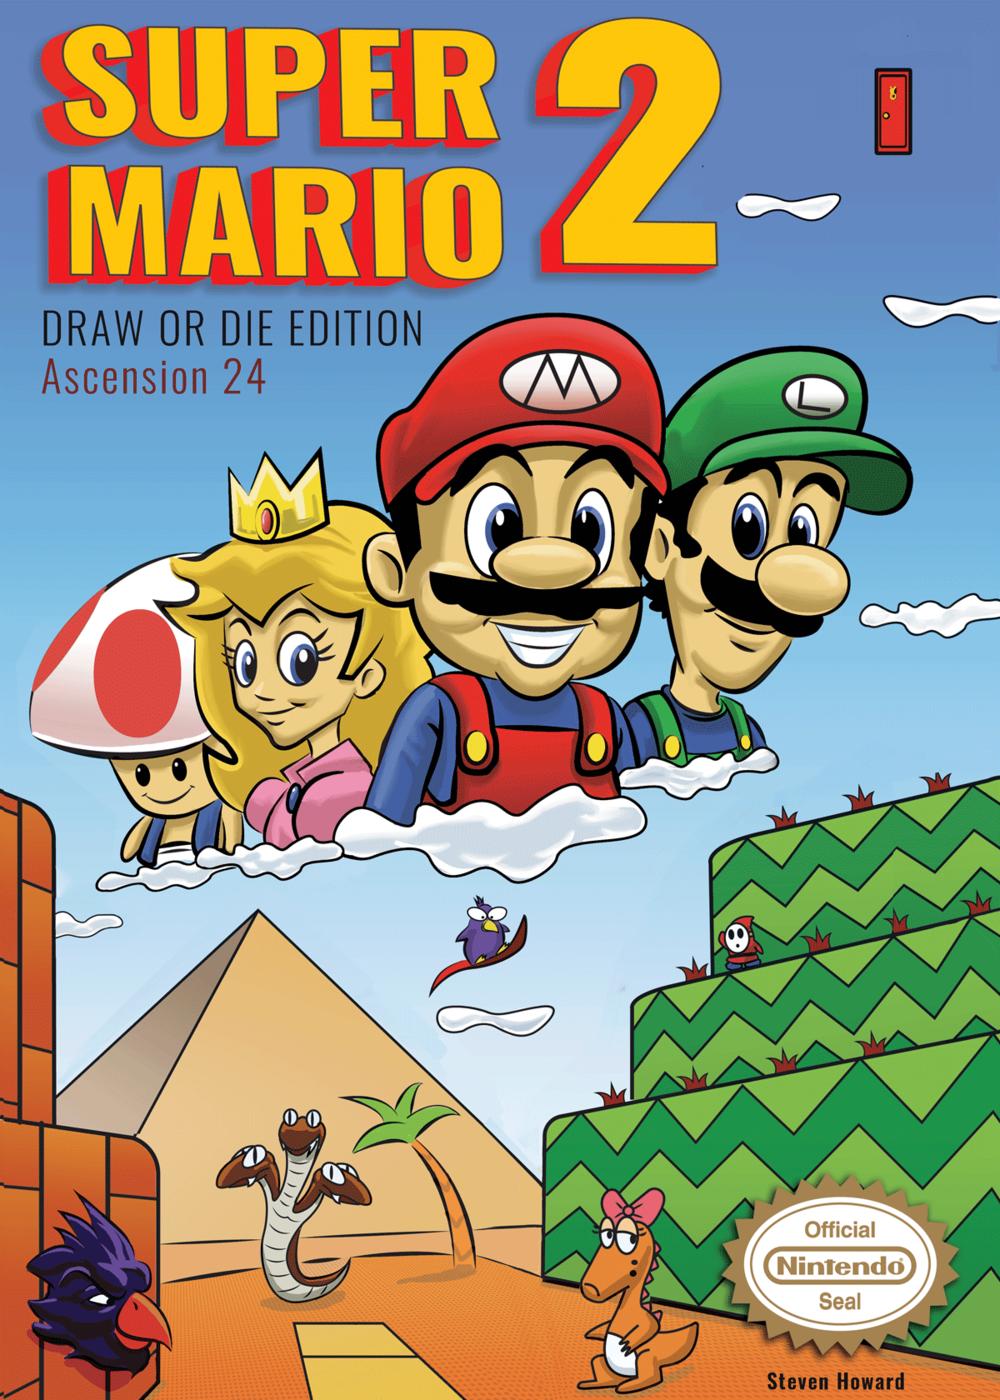 Super Mario 2 Cover Redesign